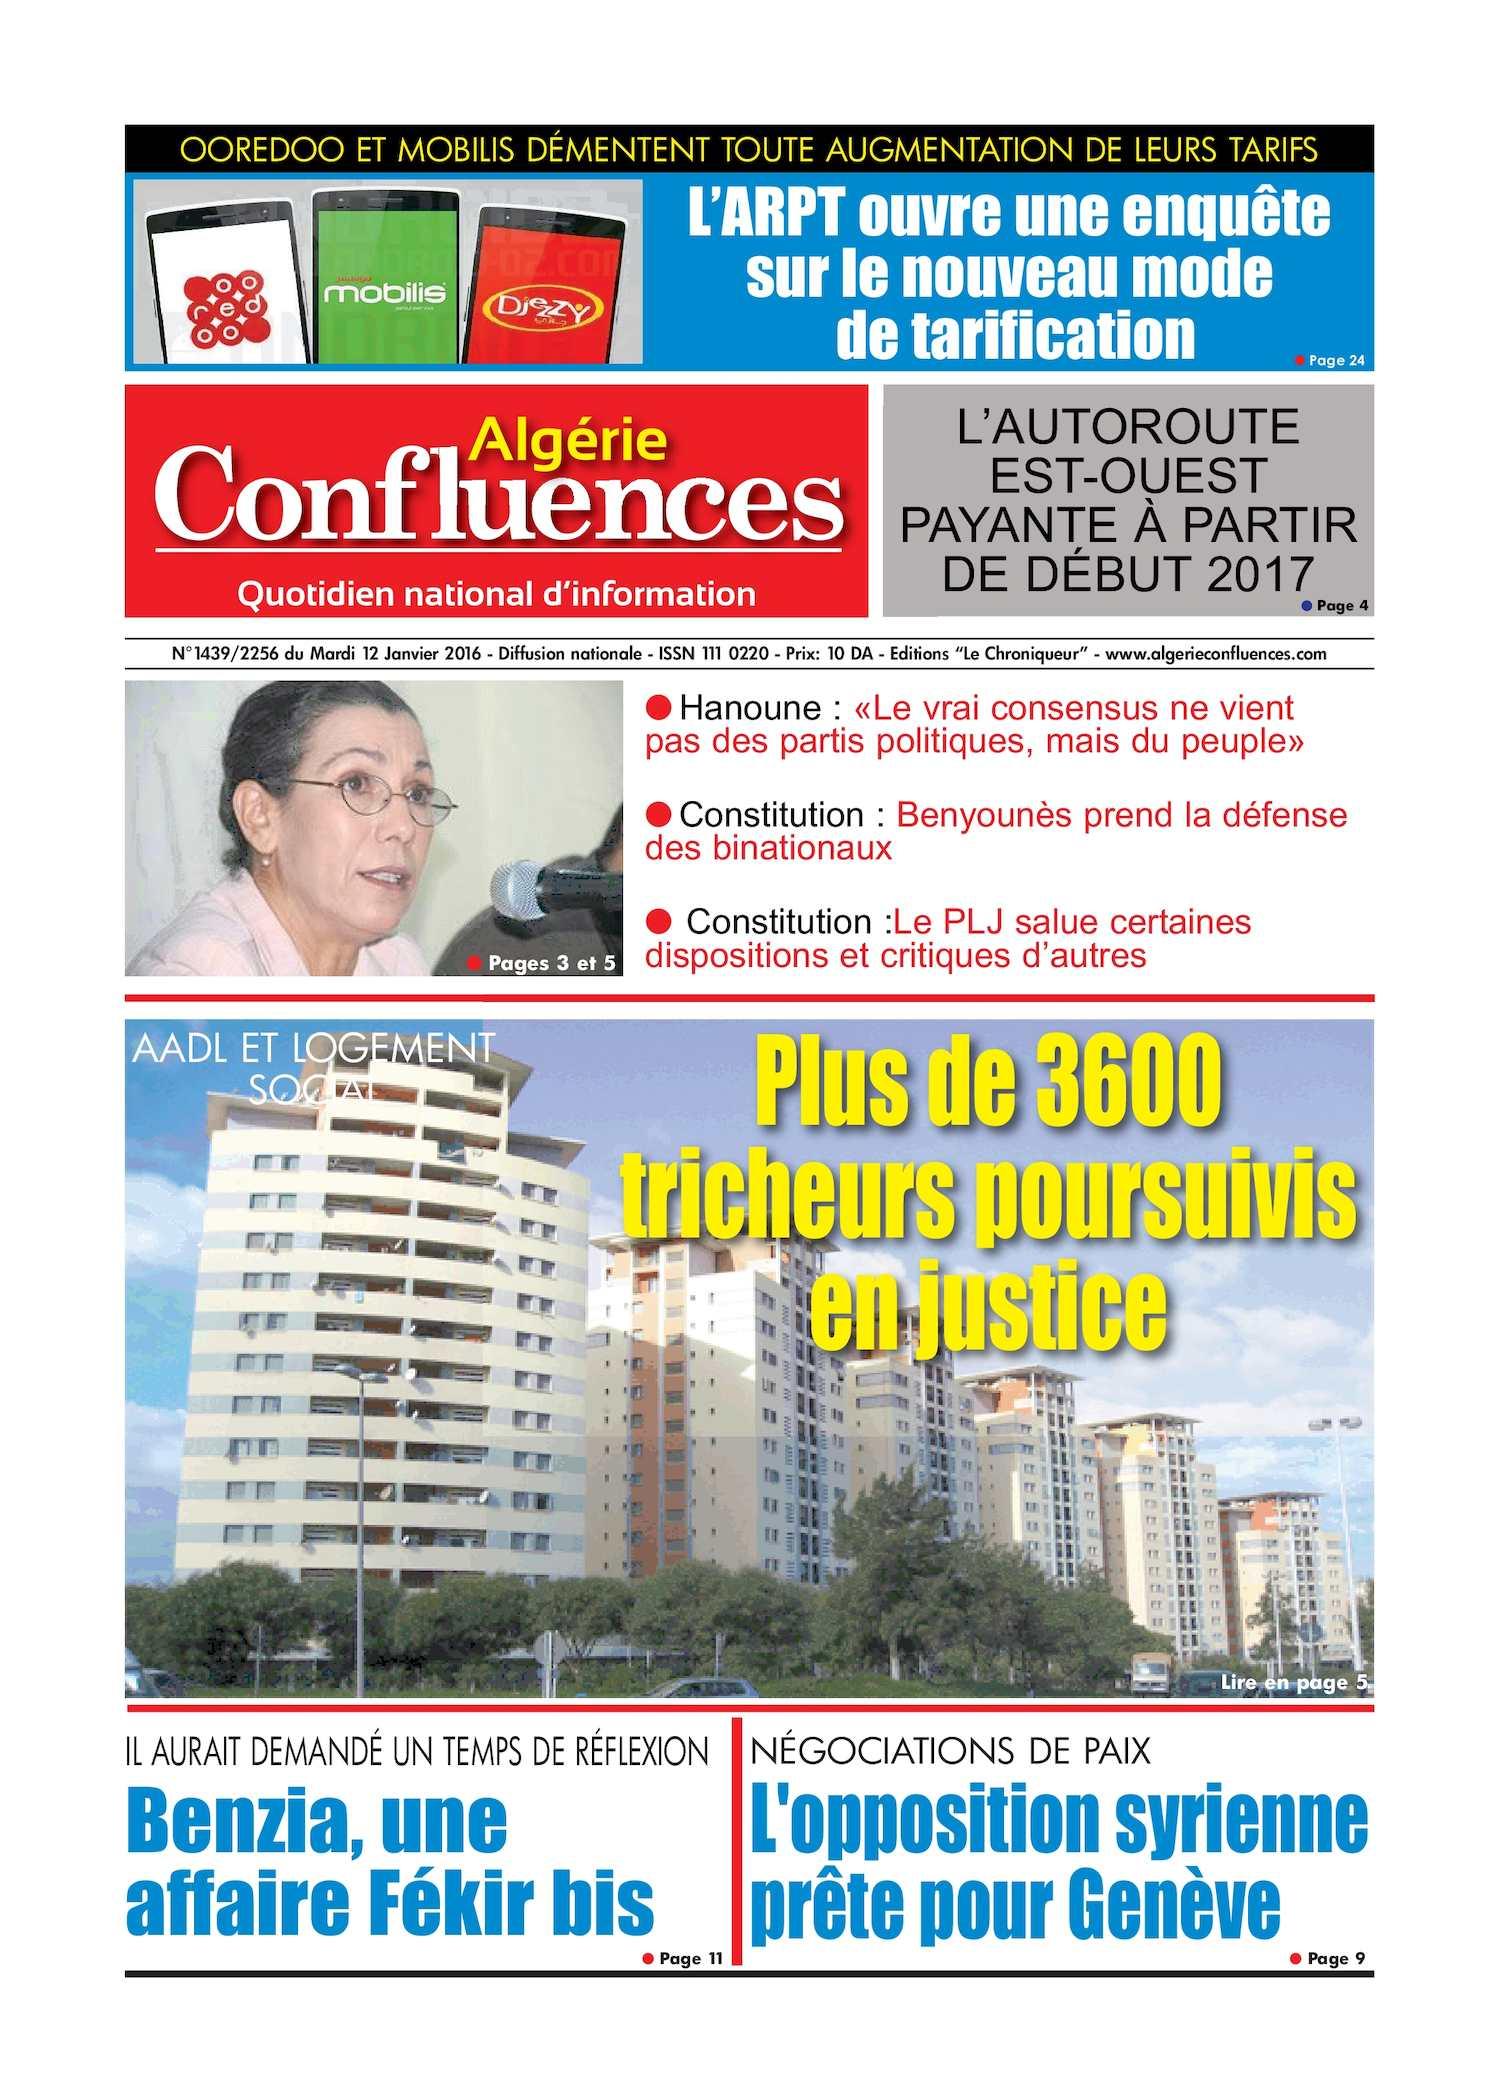 Algerie Confluences 12 Janvier 2016